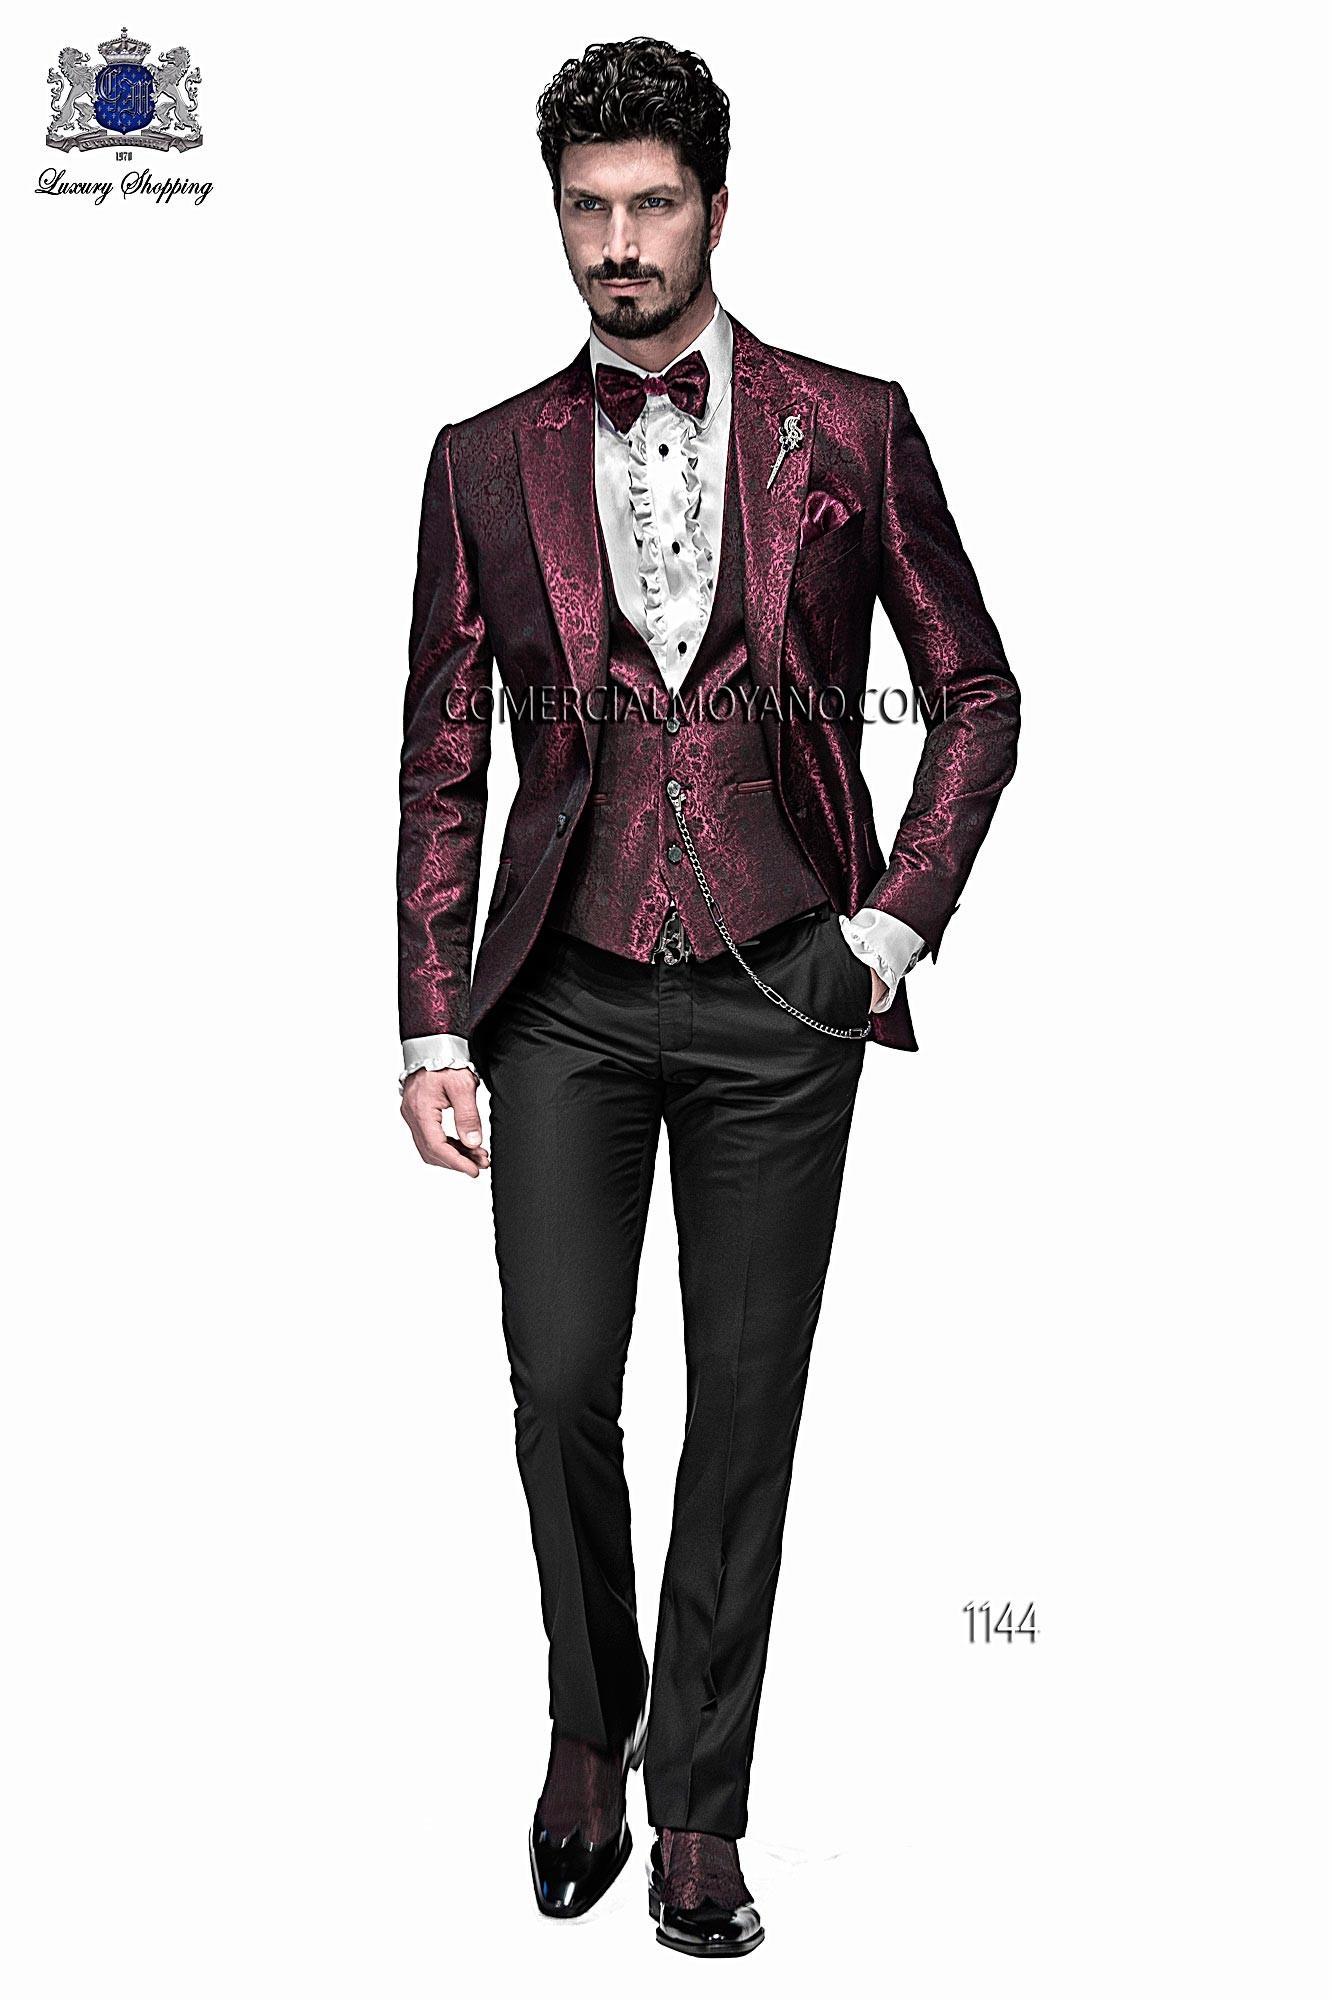 Traje de moda hombre burdeos modelo: 1144 Ottavio Nuccio Gala colección Emotion